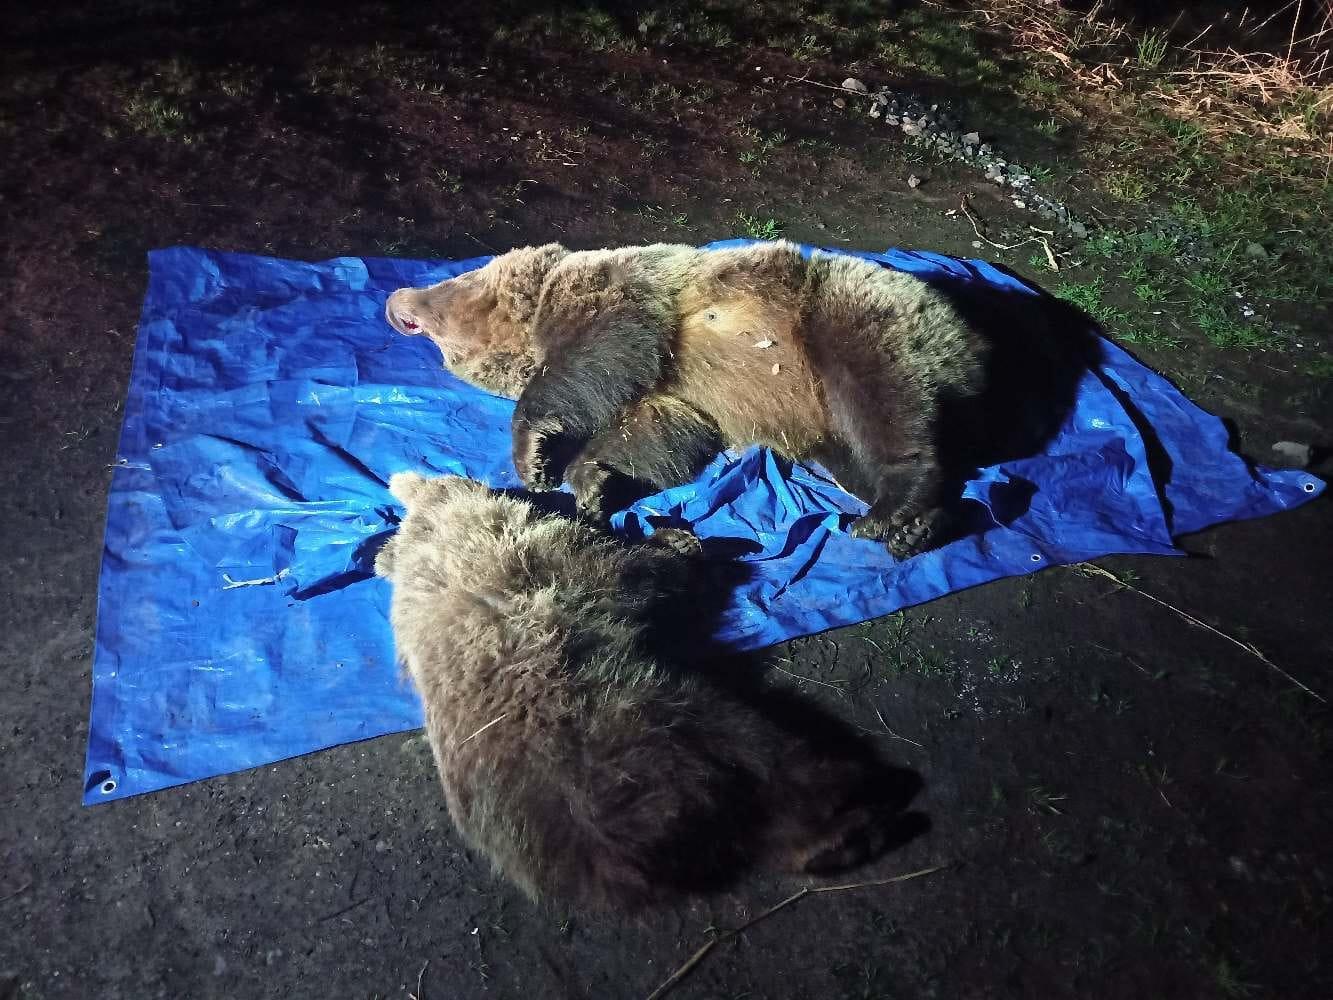 Štátni ochranári utratili medvedicu s mláďaťom, pred časom sa vlámala aj do cukrárne v Hornom Smokovci